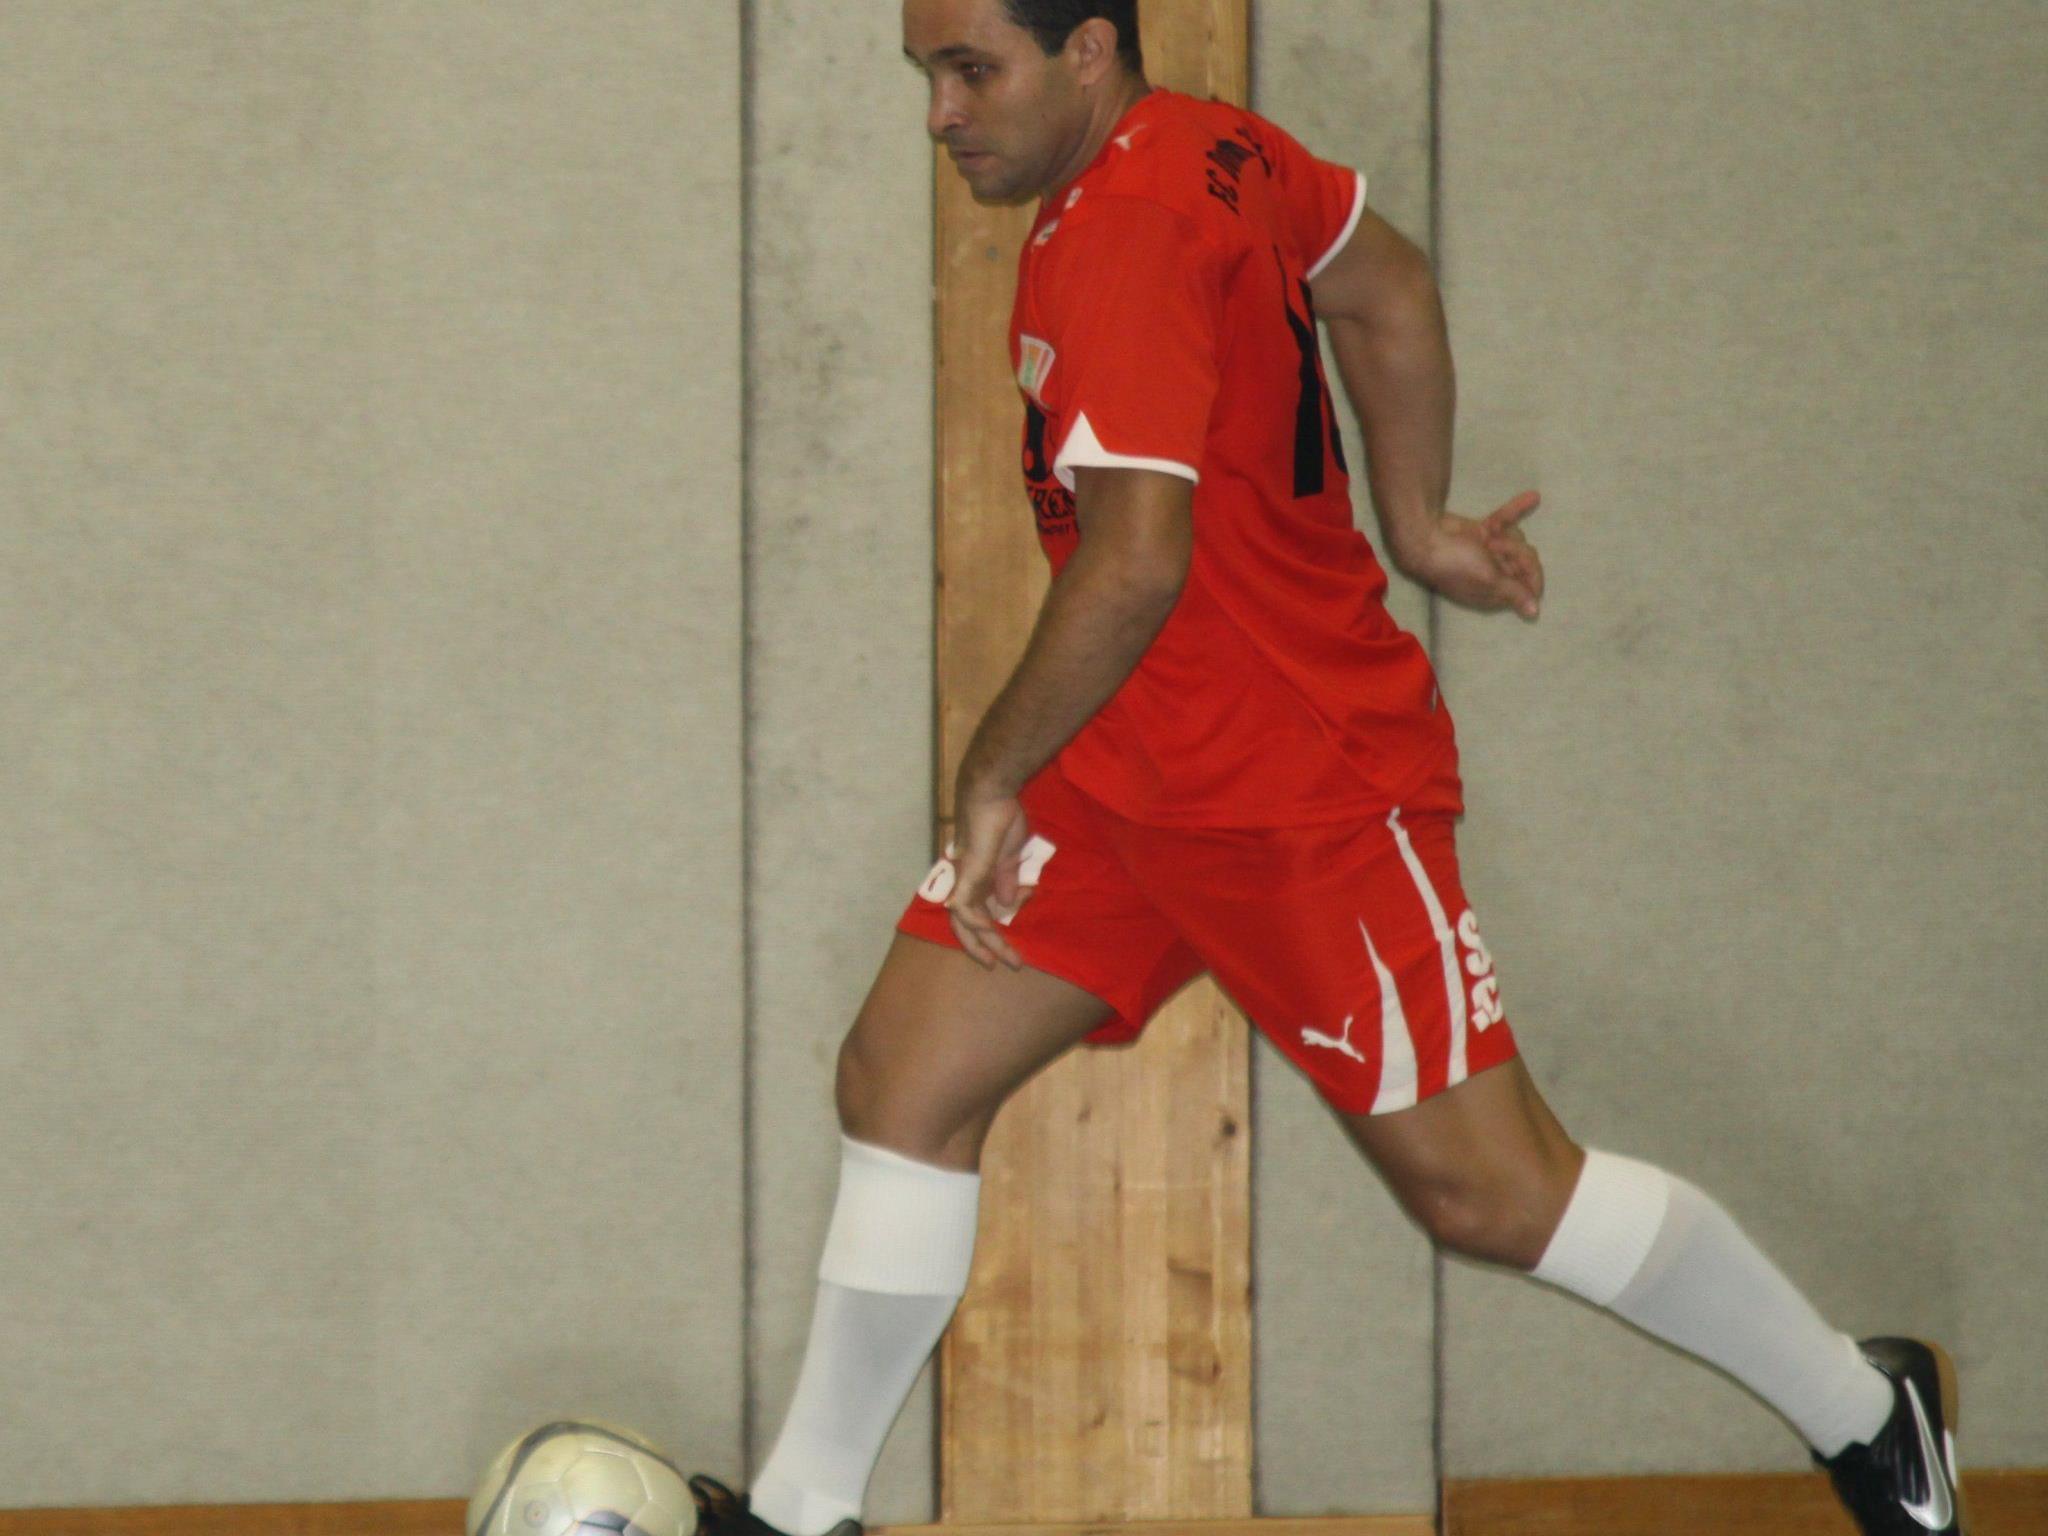 Reinaldo Ribeiro schoss drei Tore in Sonthofen, aber Dornbirn schied in der Vorrunde aus.